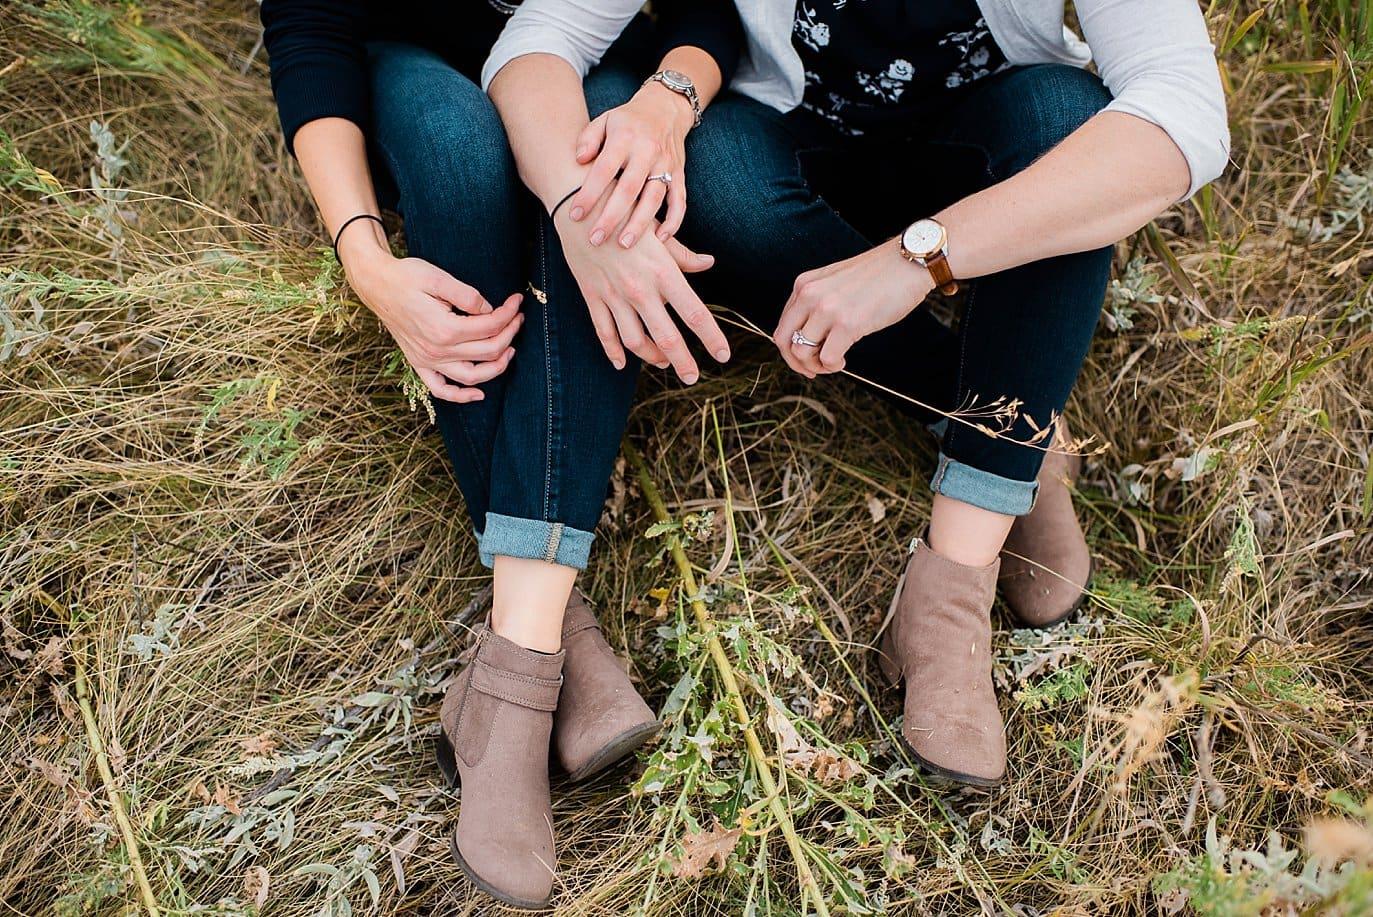 boots and jeans Chautaqua Park engagement by Estes Park engagement photographer Jennie Crate